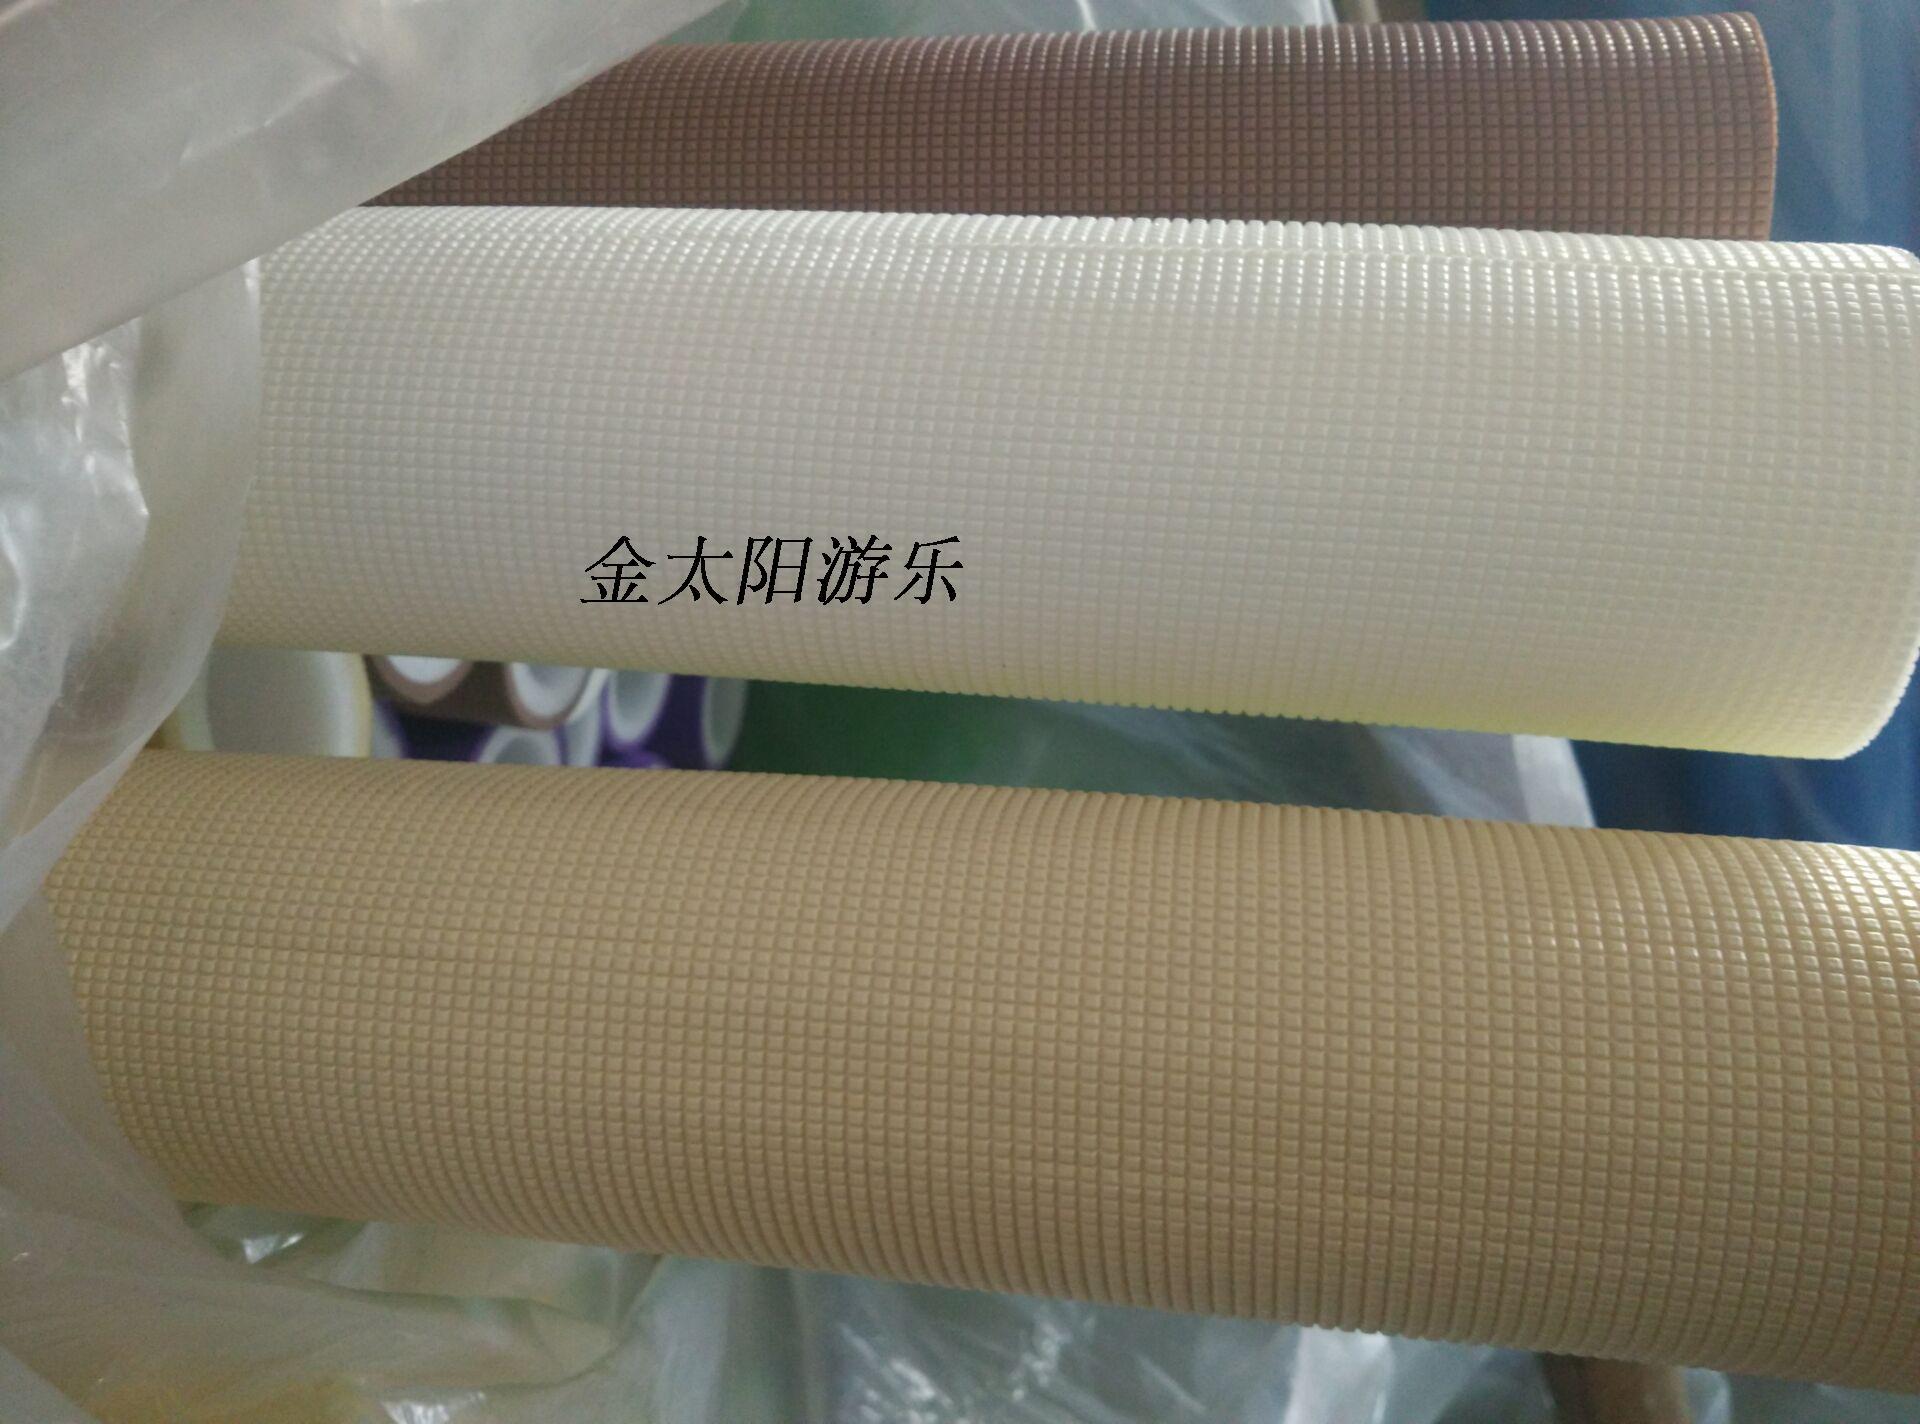 淘气堡配件PVC包管 泡沫管海绵管防撞护管 新型阻燃包管新型包管